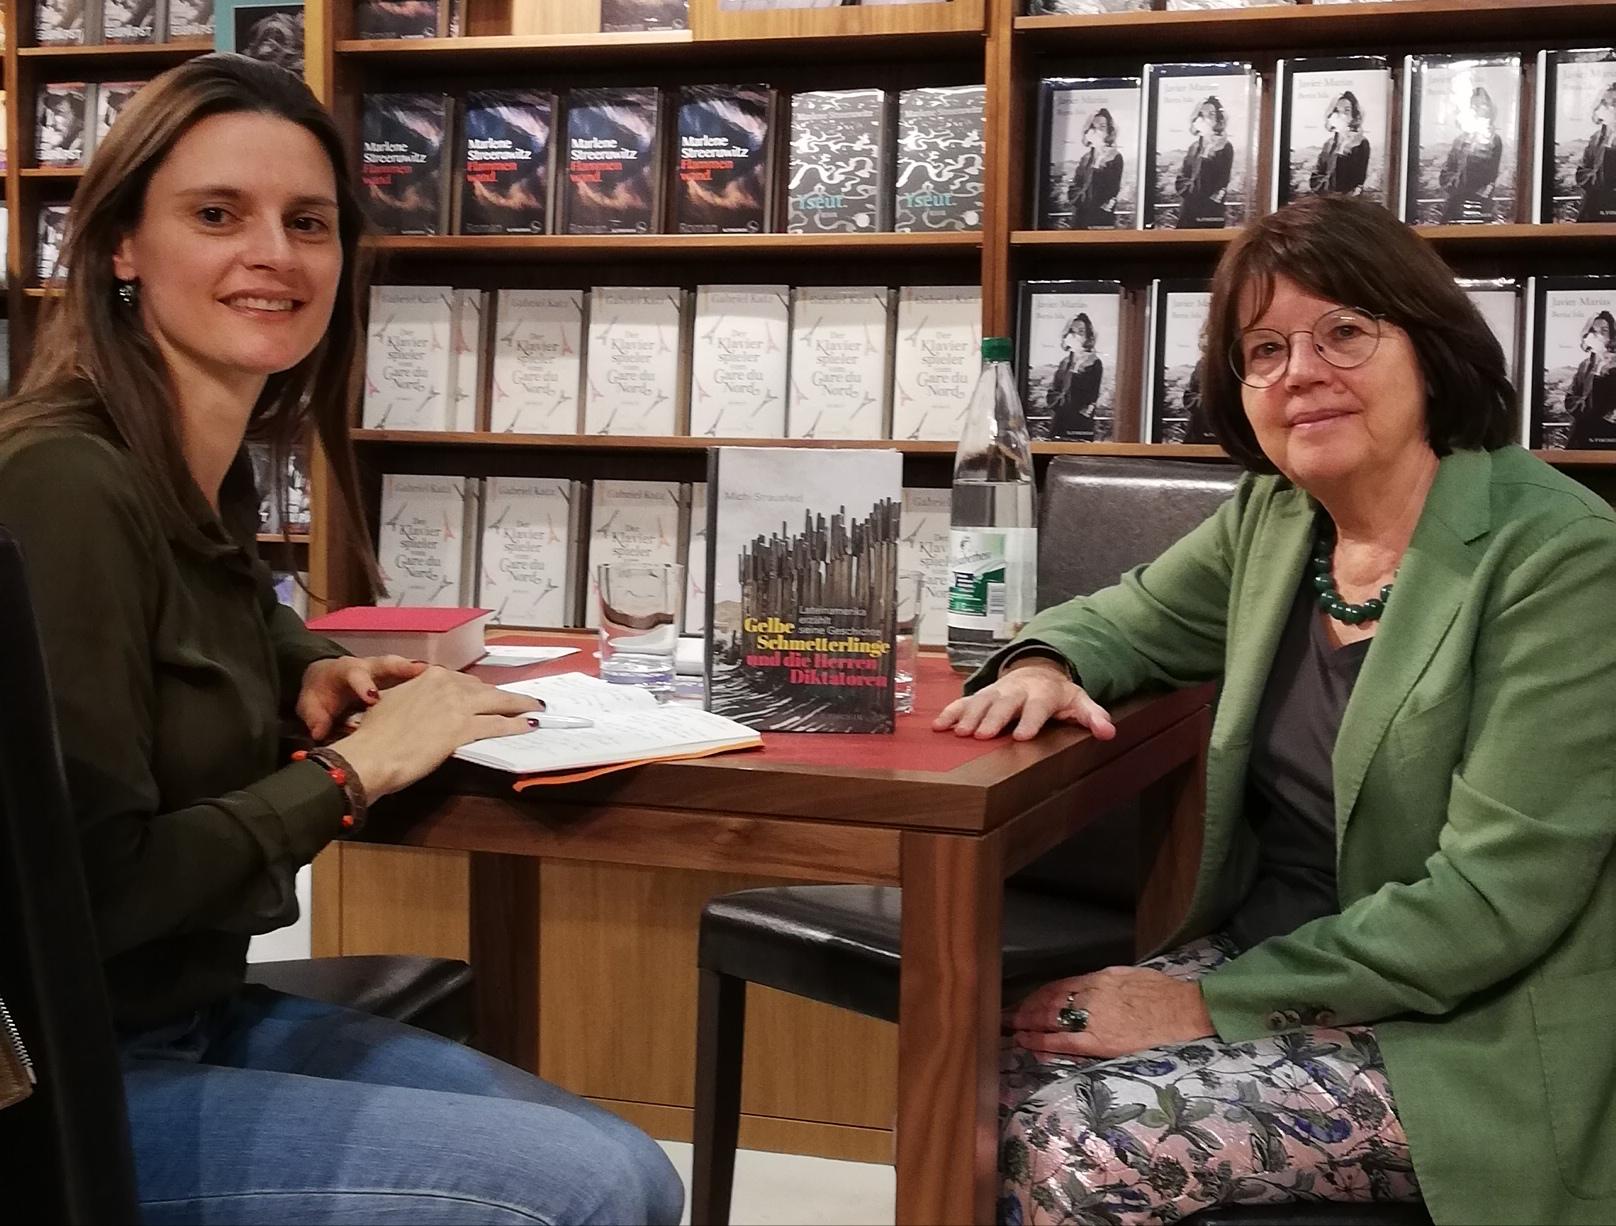 Mit Michi Strausfeld während des Interviews ©glasperlenspiel13